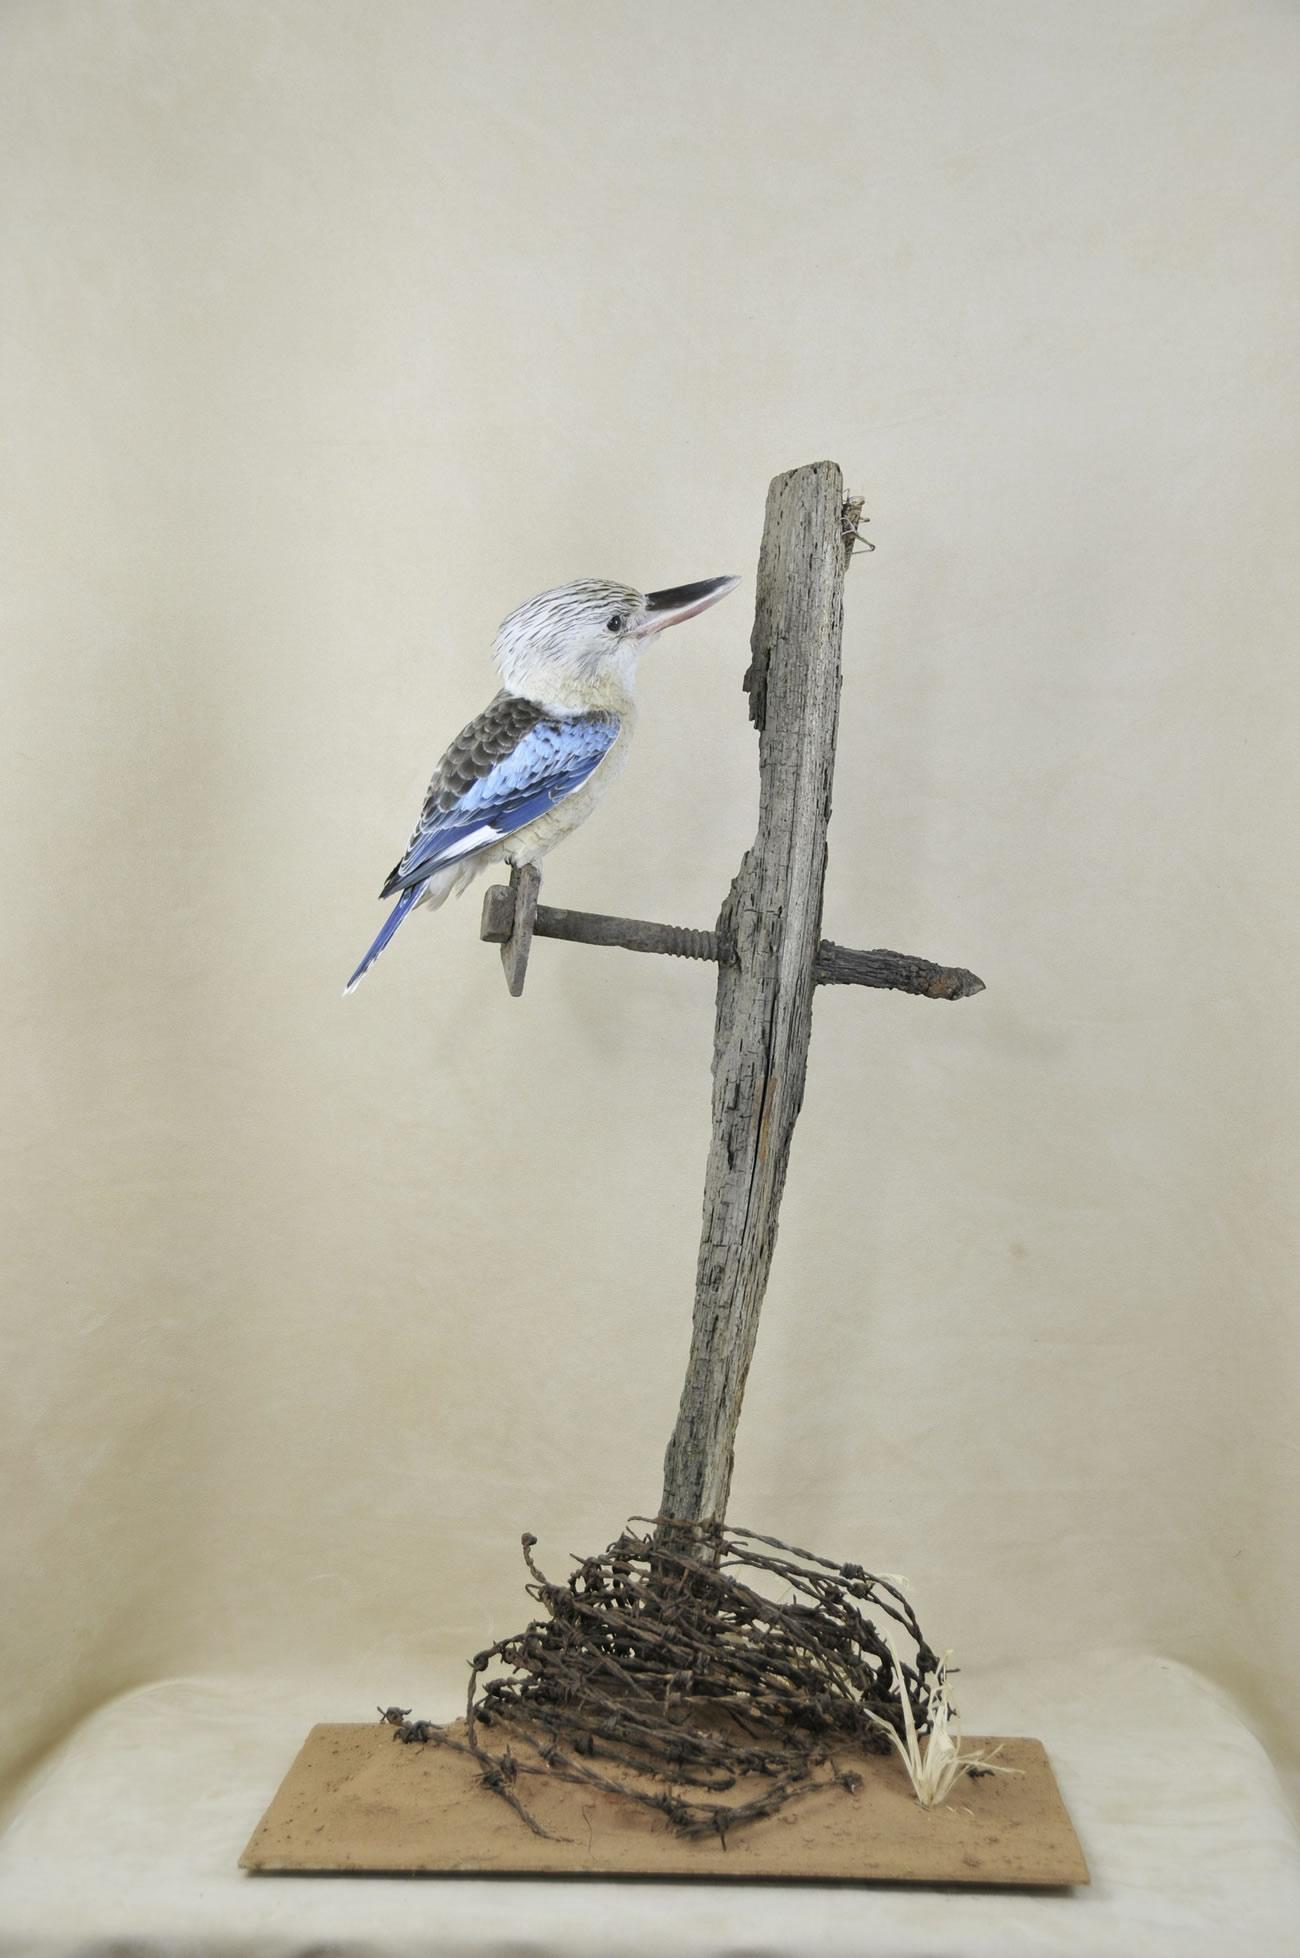 Kookaburra taxidermy 2